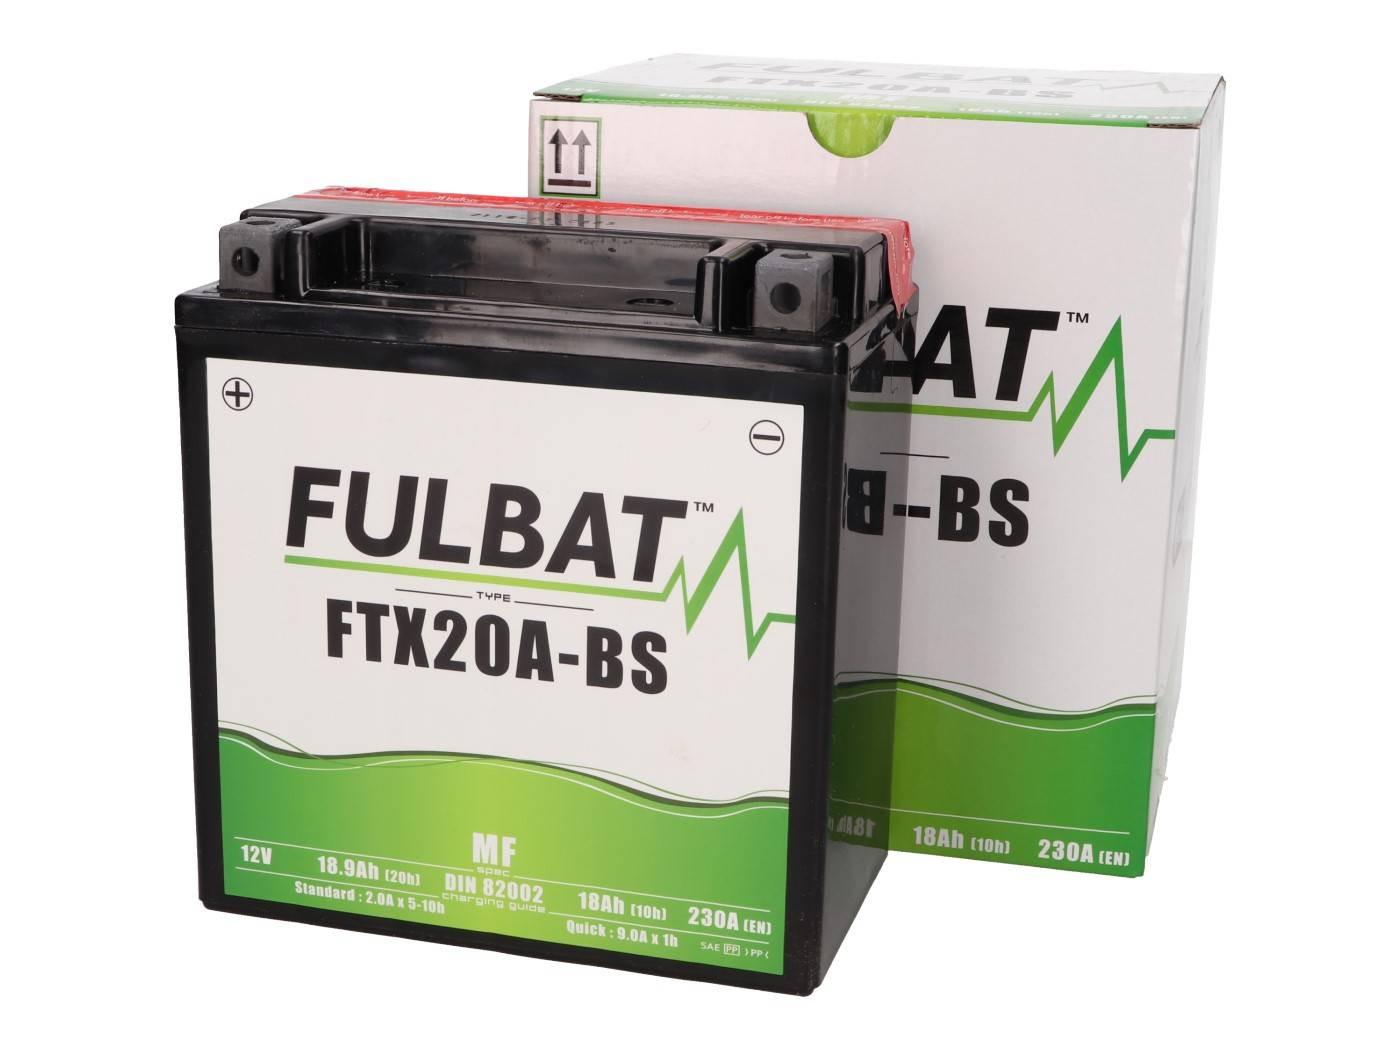 Fulbat FTX20A-BS MF gondozásmentes akkumulátor